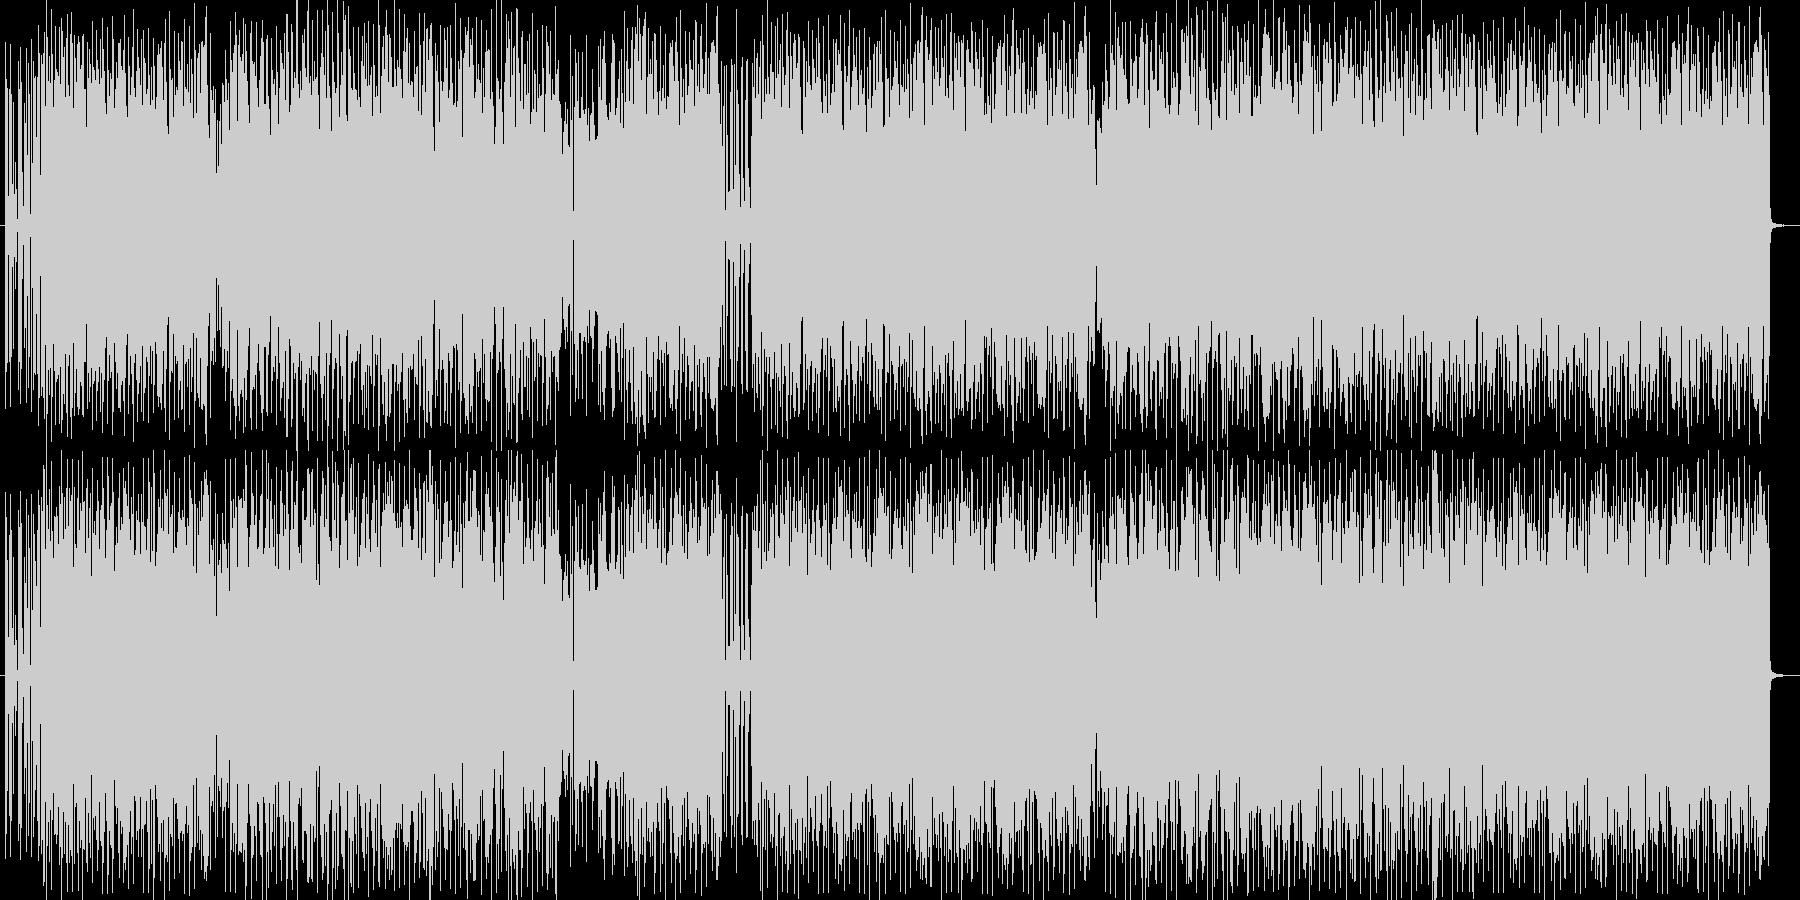 勢いあるドラムとヘビーなエレキサウンドの未再生の波形